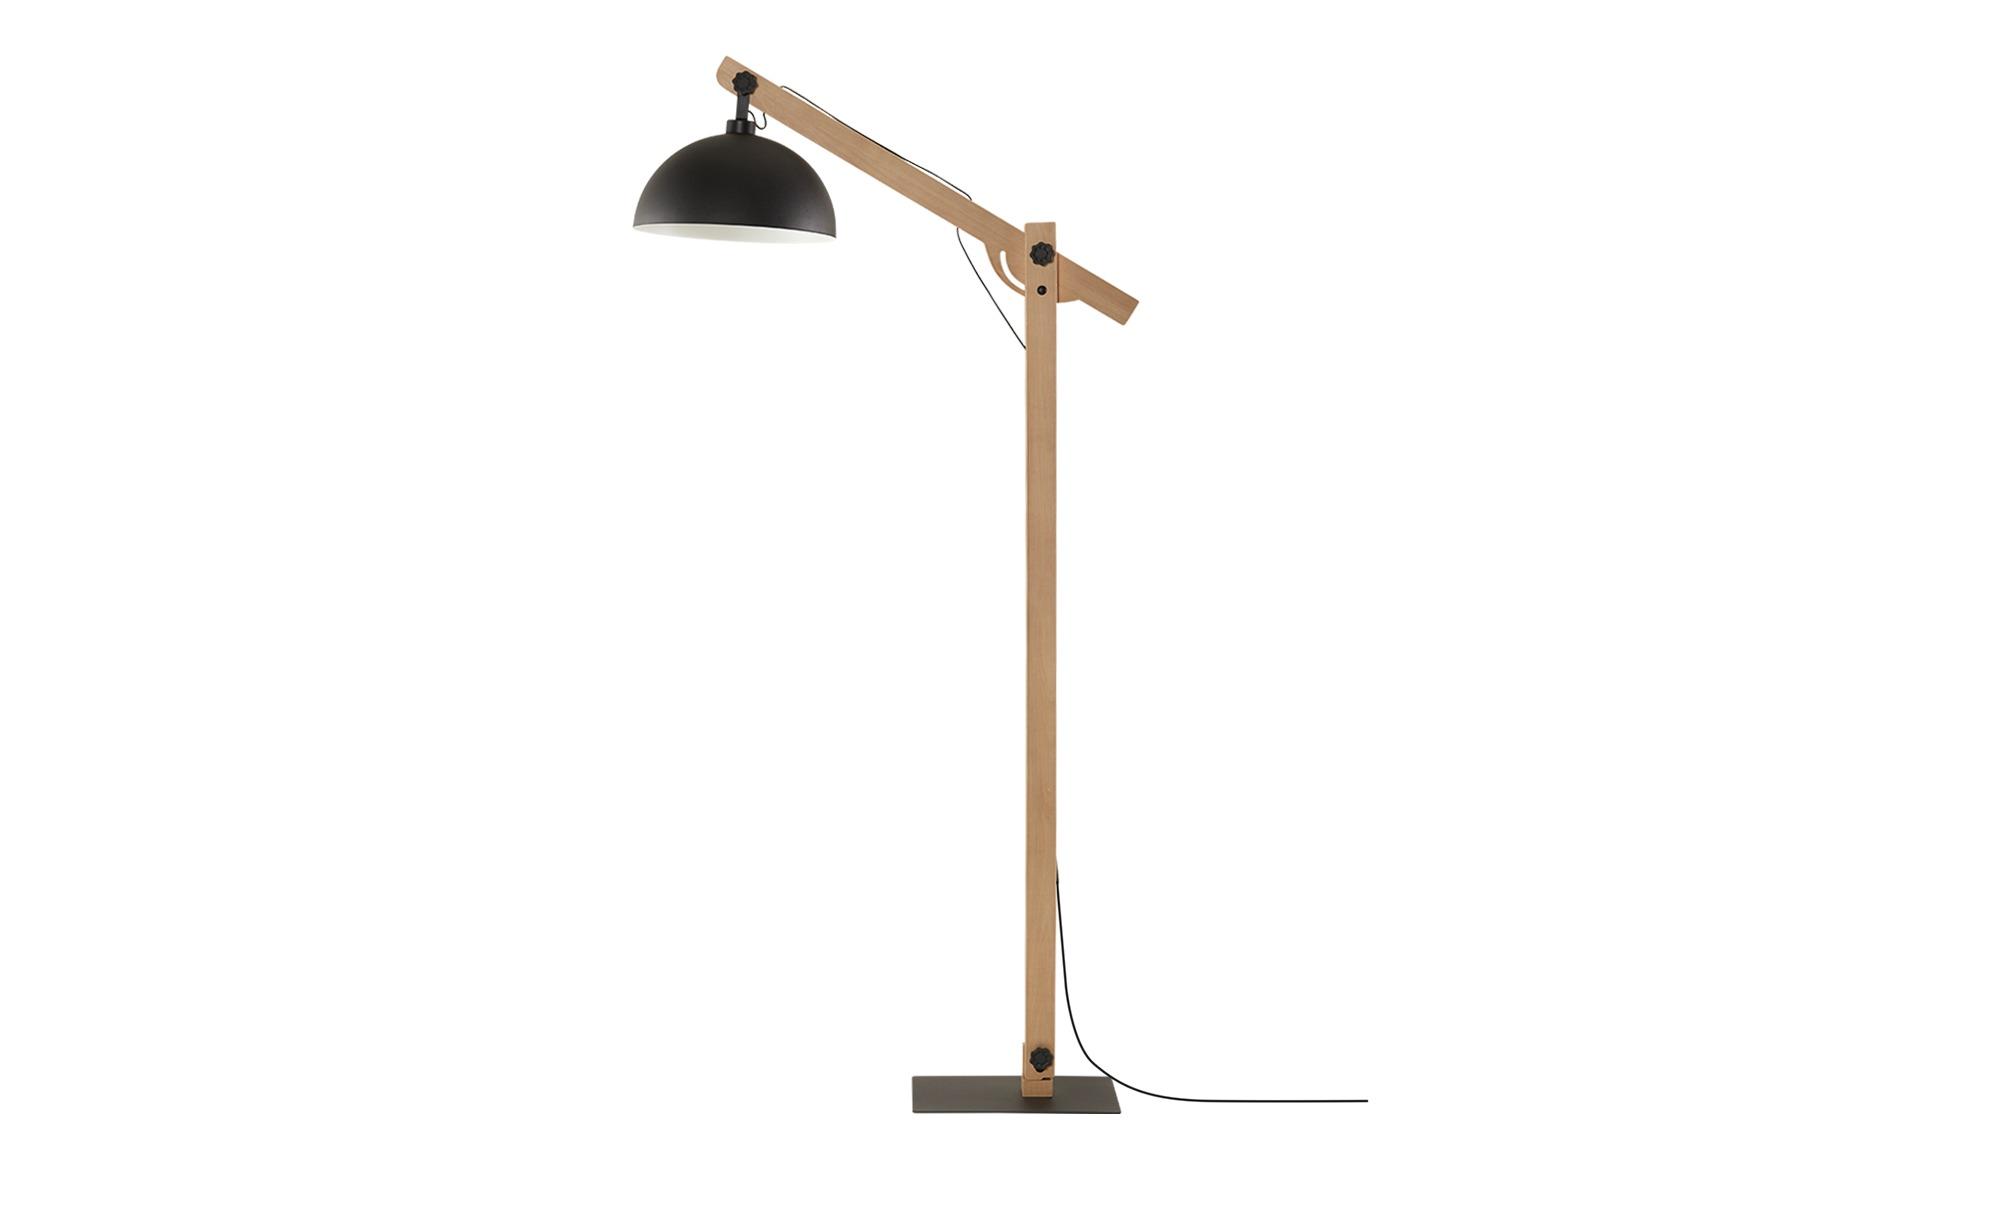 Stehleuchte, 1-flammig, Metall schwarz/ Holz ¦ schwarz ¦ Maße (cm): H: 173 Lampen & Leuchten > Innenleuchten > Stehlampen - Höffner